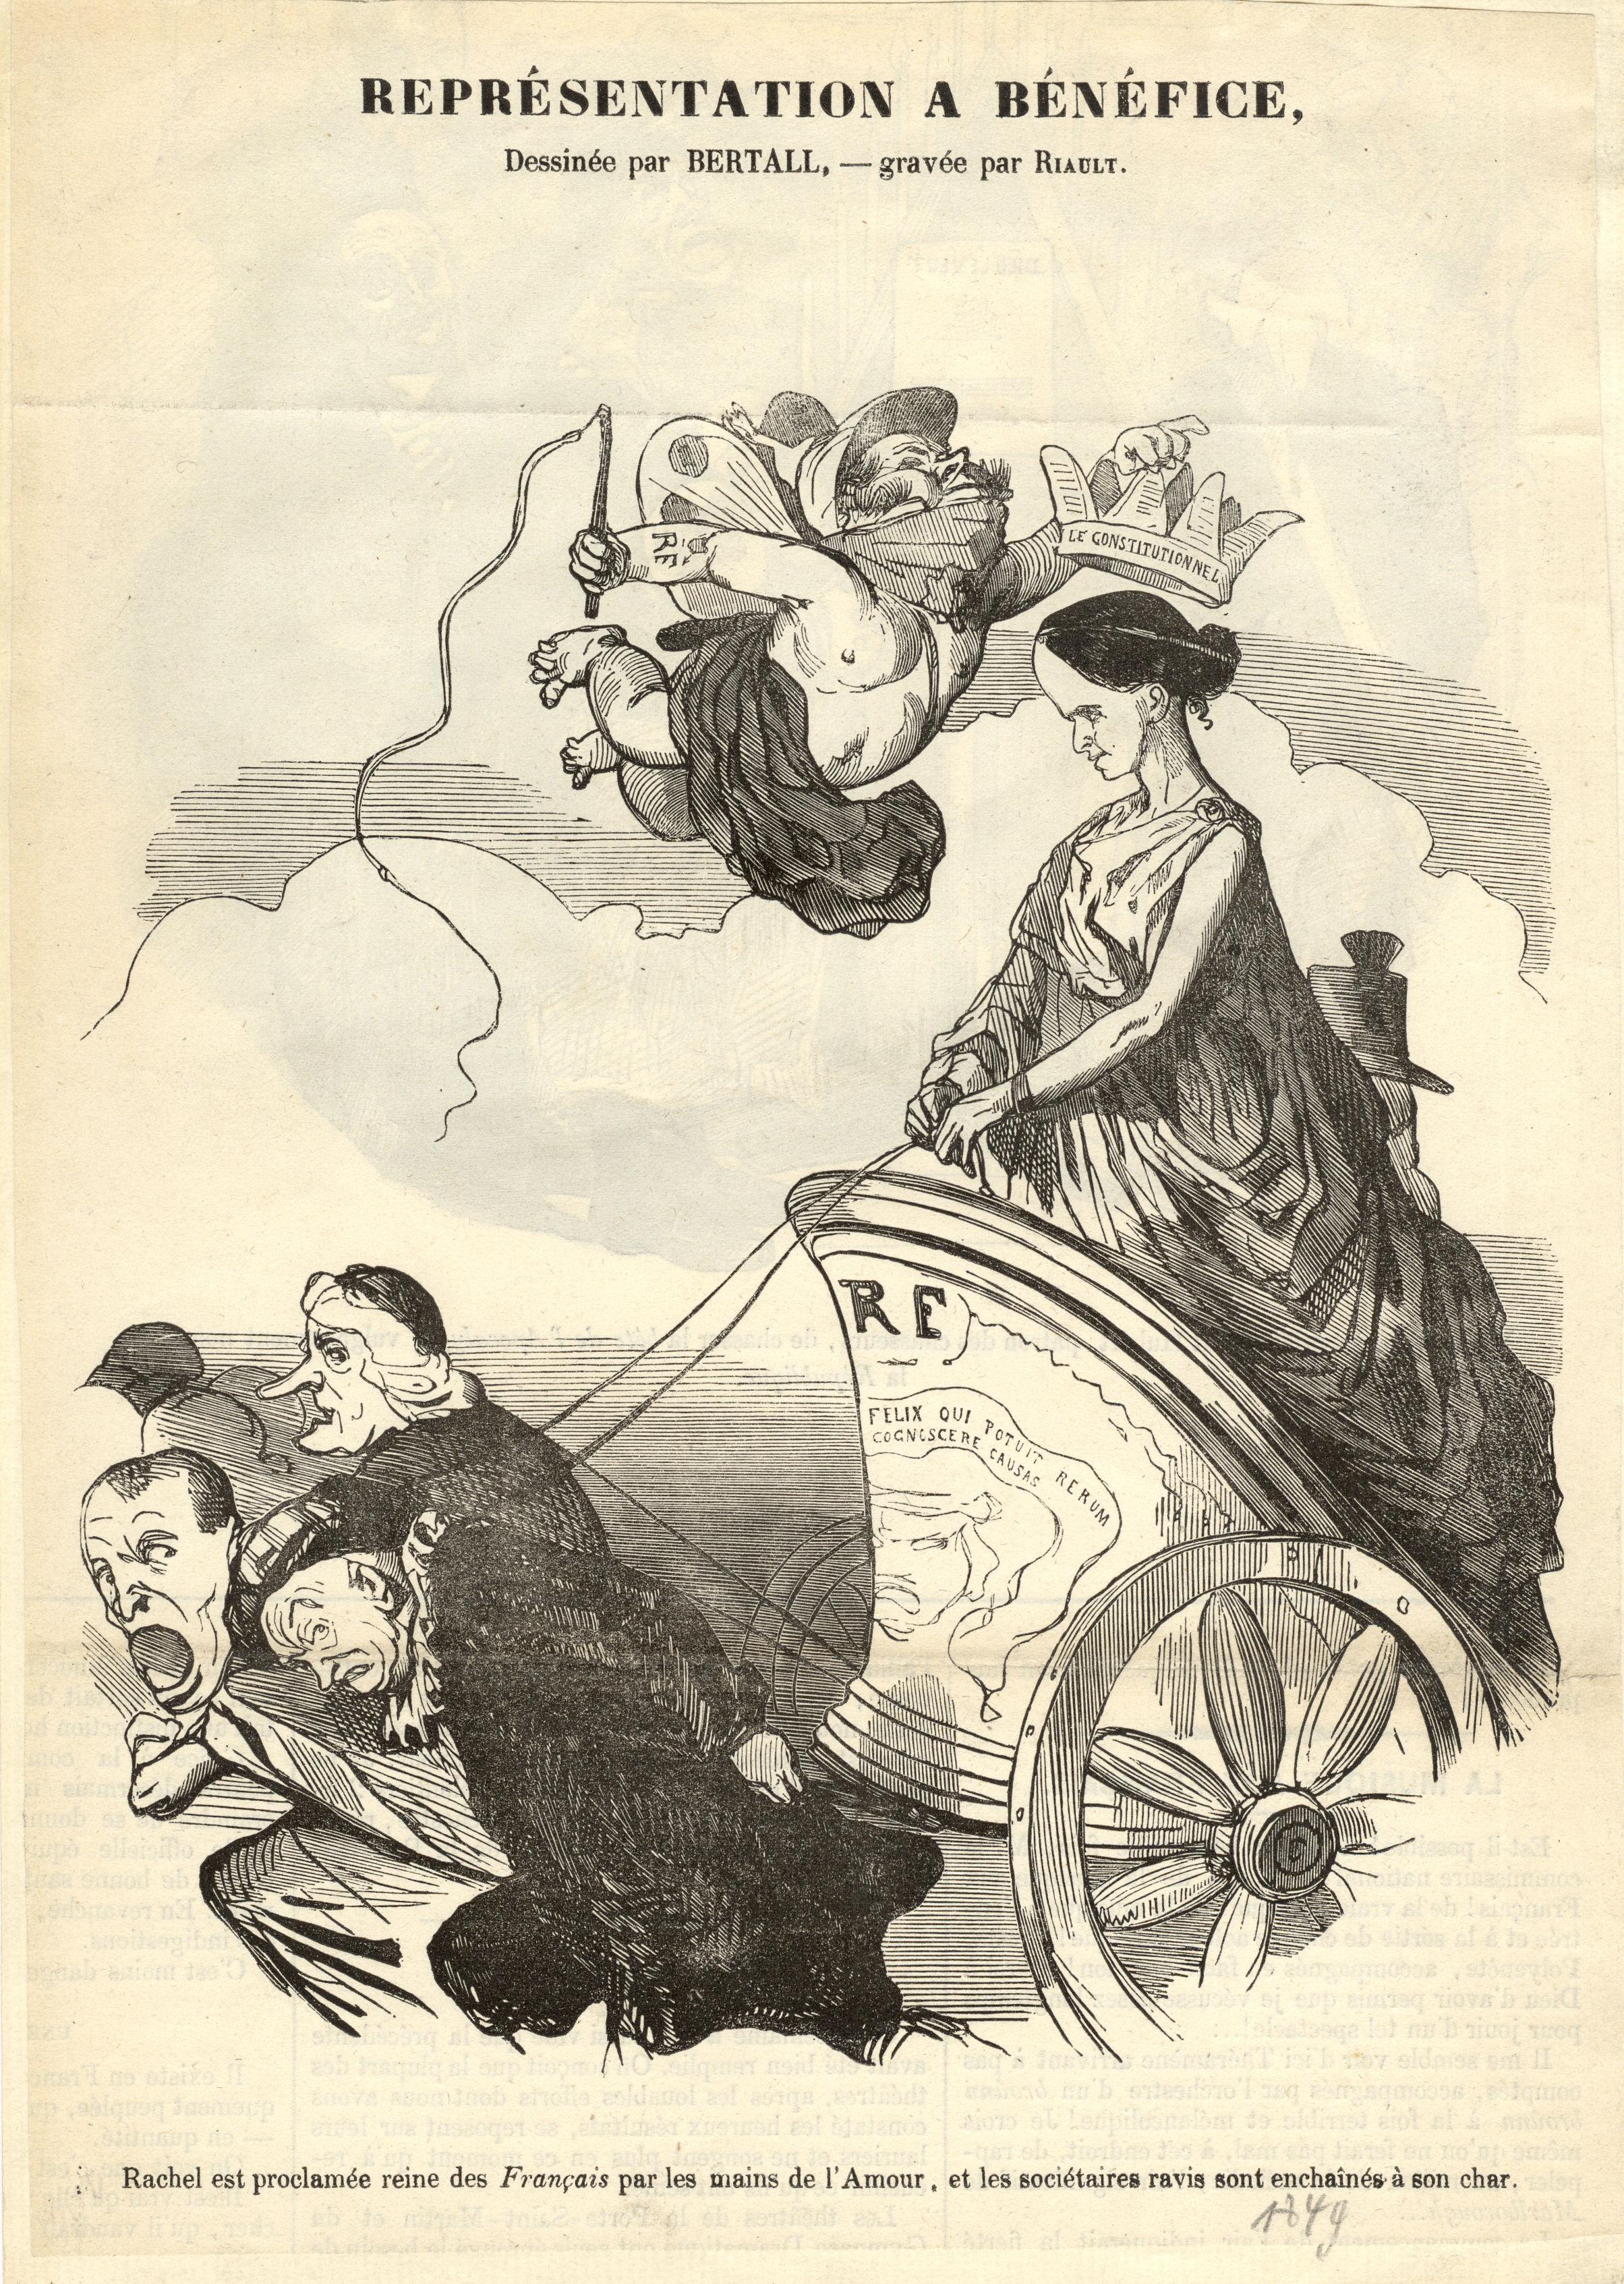 05-rachel-reprc-sentation-o-bc-nc-fice-caricature-de-bertall-gravc-e-par-riault-1849-